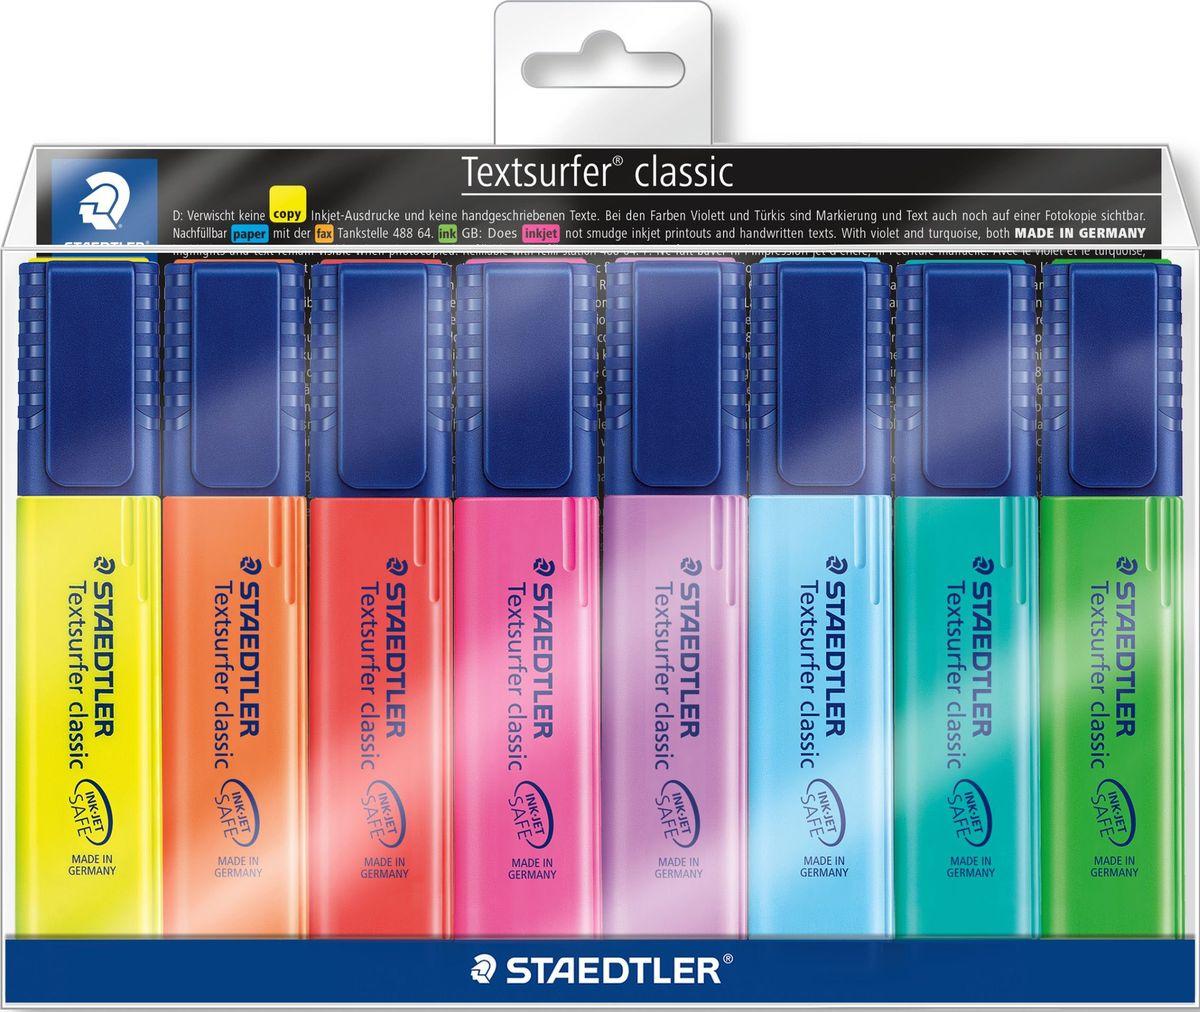 Staedtler Набор текстовыделителей Сlassic 364 8 цветов364WP803Набор текcтовыделителей textsurfer classic 364. 8 цветов в ассортименте в блистере. Скошенный пишущий узел, диаметр 1-5 мм. Ультрамягкая кисточка. Большой объем чернил для экстра долгой службы. Быстро высыхает, слабый запах. Безопасно для струйных принтеров - не смазывает распечатки и написанный текст. Подходит для копирования, для работы на бумаге, факсовой бумаге и копиях. Повернуть колпачок для легкого открывания. Корпус и колпачок из полипропилена гарантируют долгий срок службы. Безопасно для самолетов - автоматическое выравнивание давления предотвращает от вытекания чернил на борту самолета.